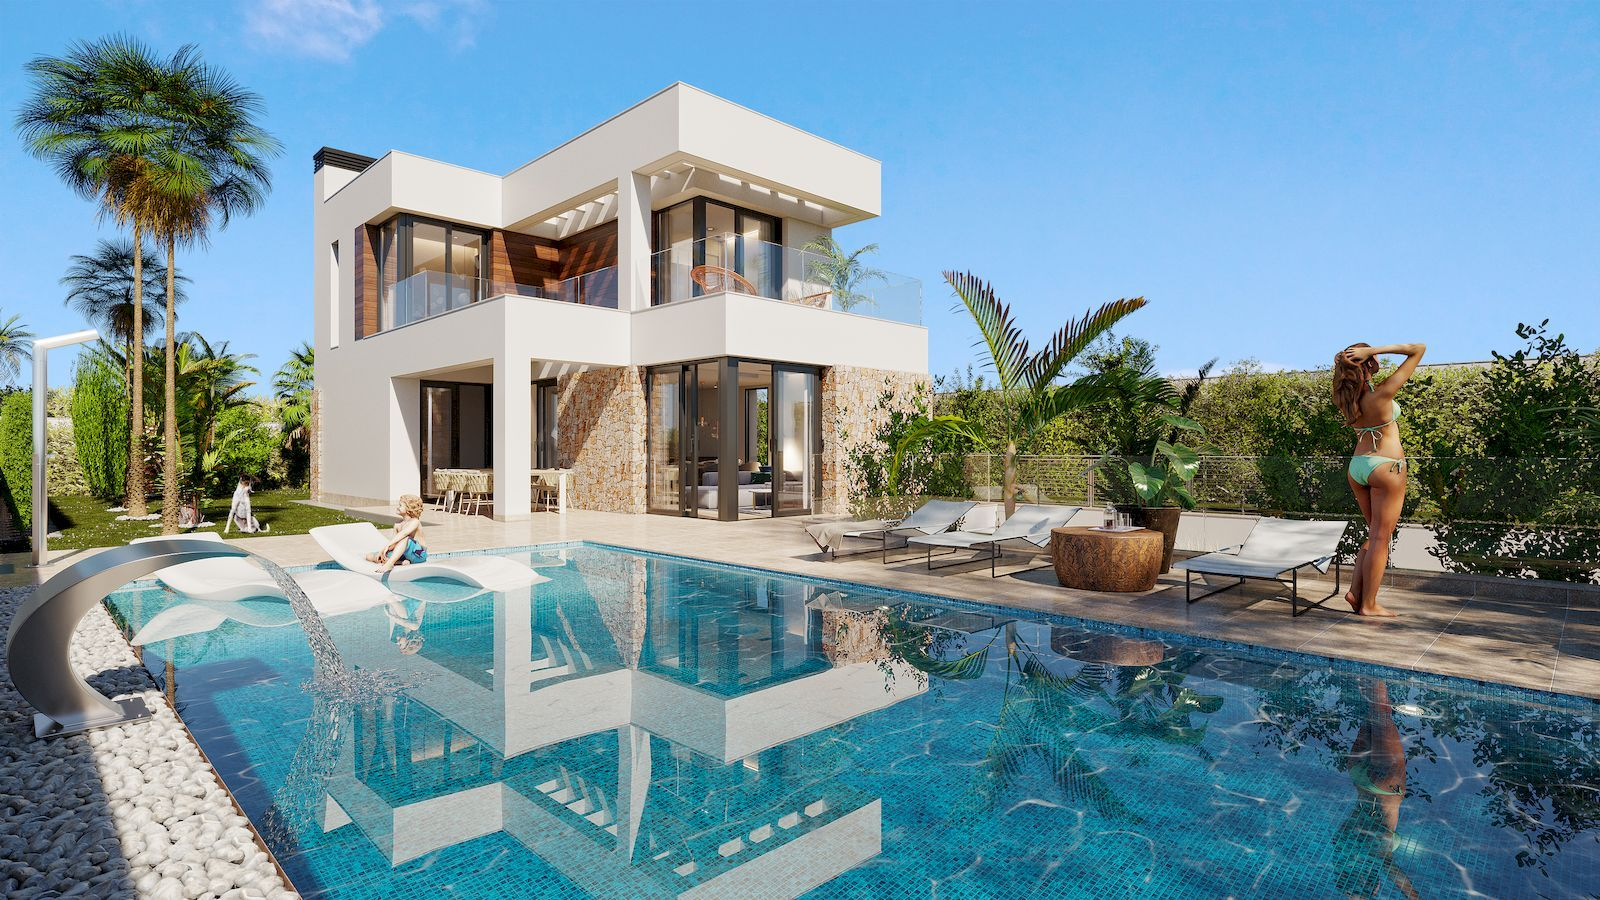 Modern Luxury Villa for Sale in Finestrat Hills - Benidorm